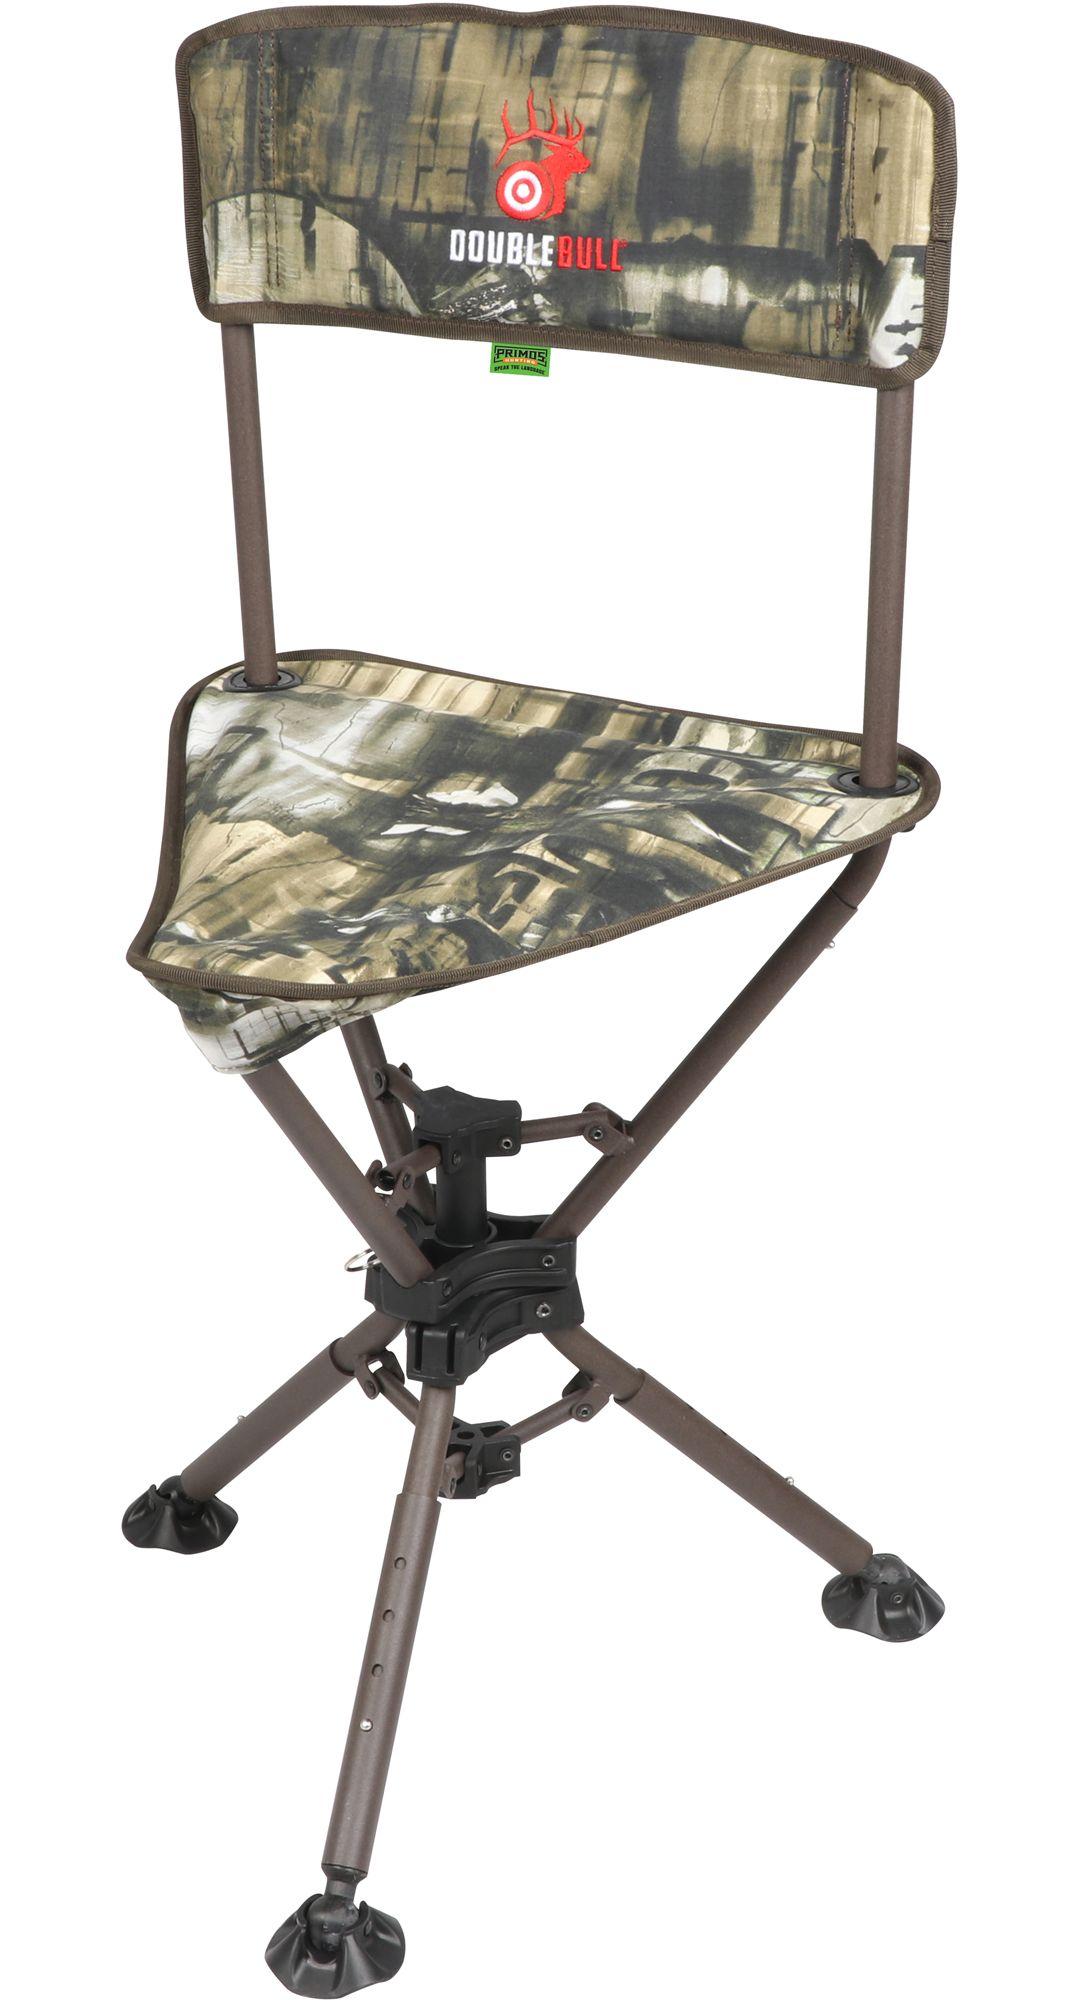 Amazing Primos Swivel Tri Stool Ground Blind Hunting Chair Inzonedesignstudio Interior Chair Design Inzonedesignstudiocom